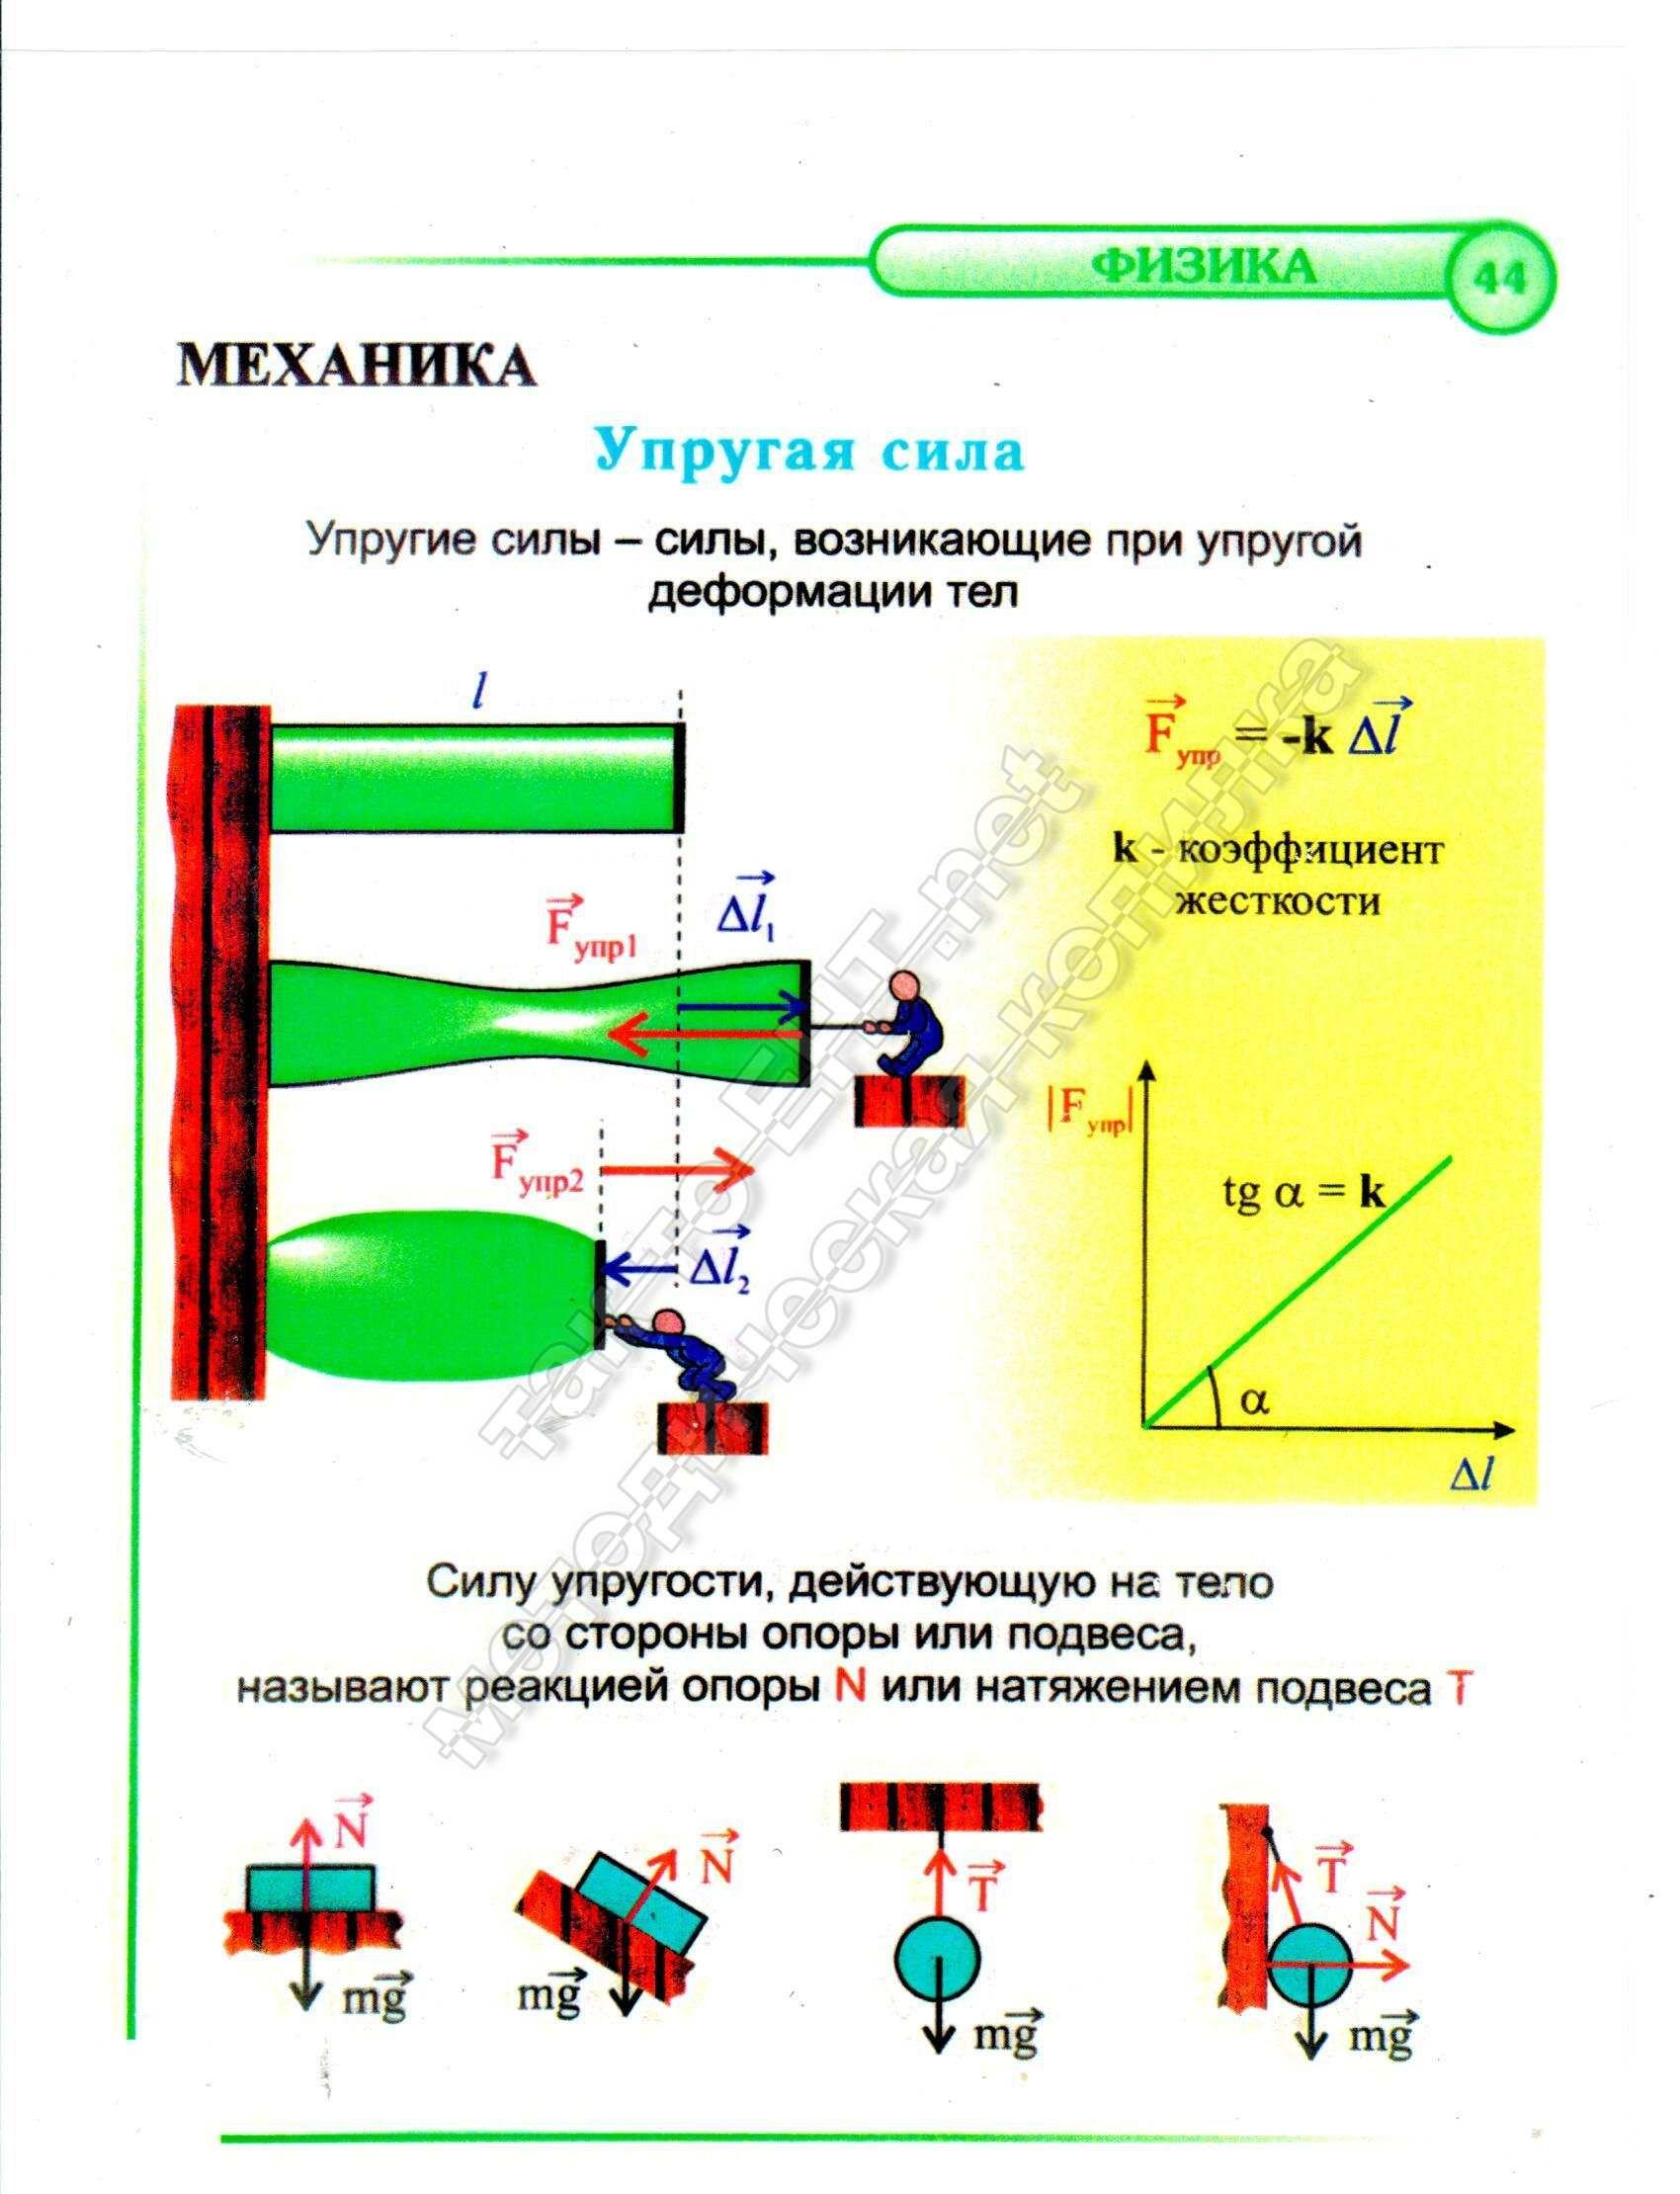 Упругая сила (механика)